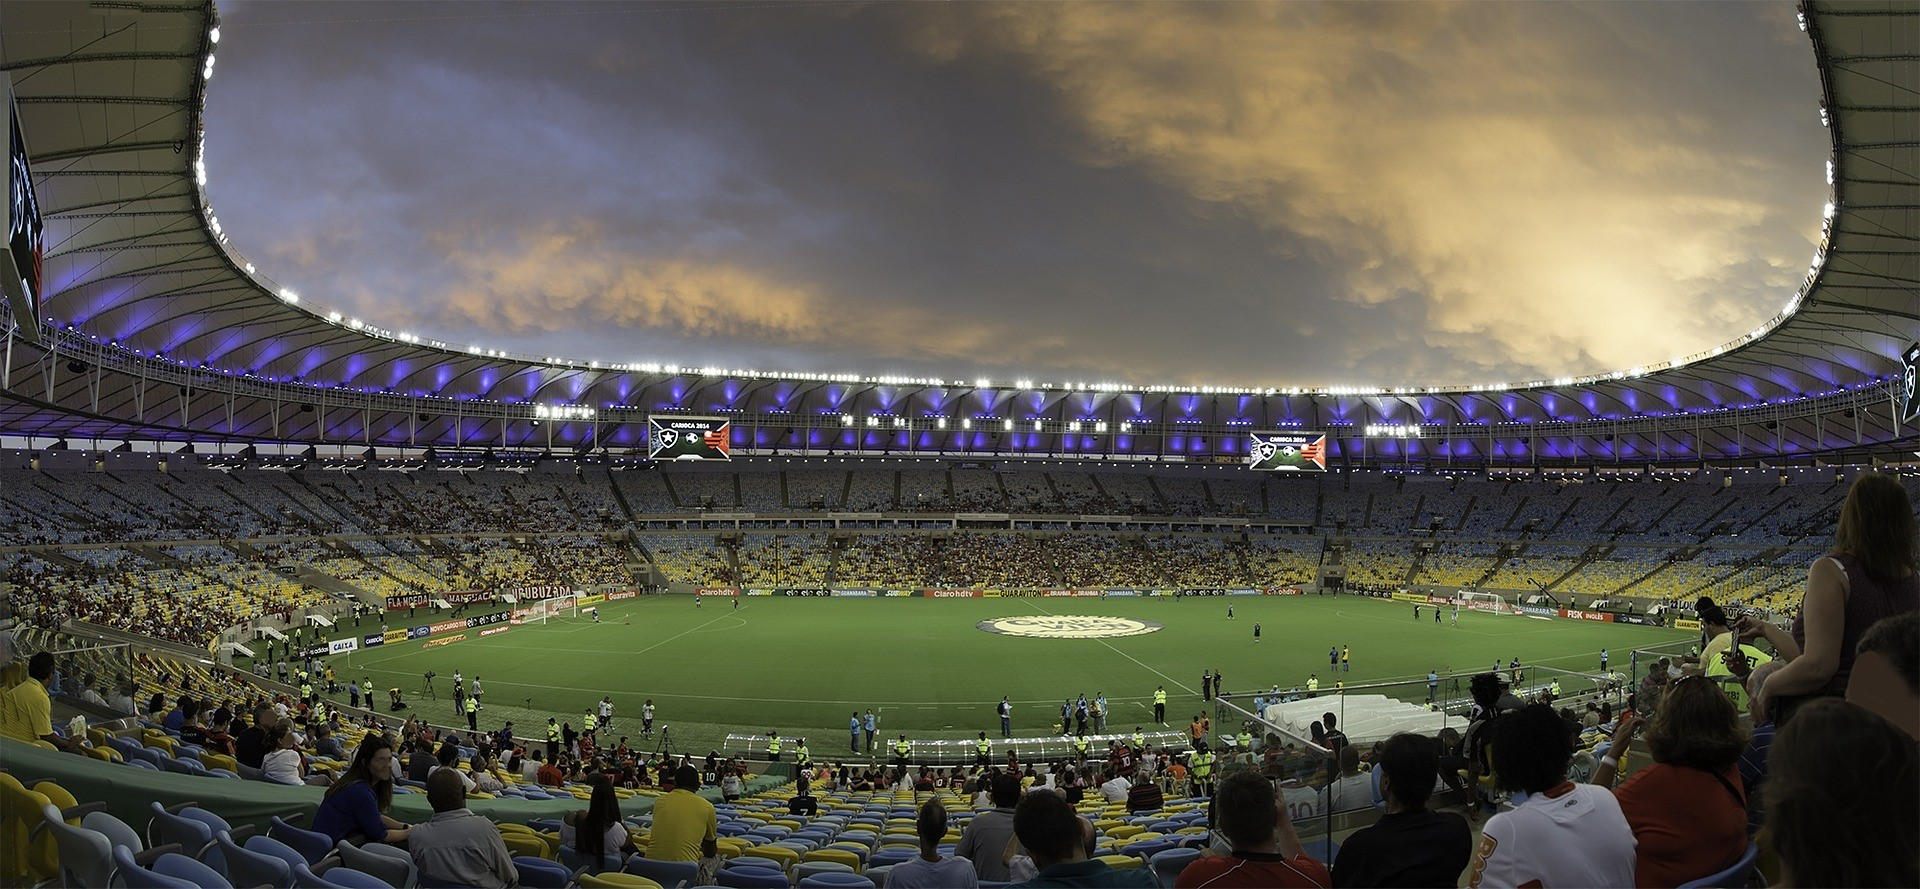 Marechal Hermes - Rio de Janeiro - RJ